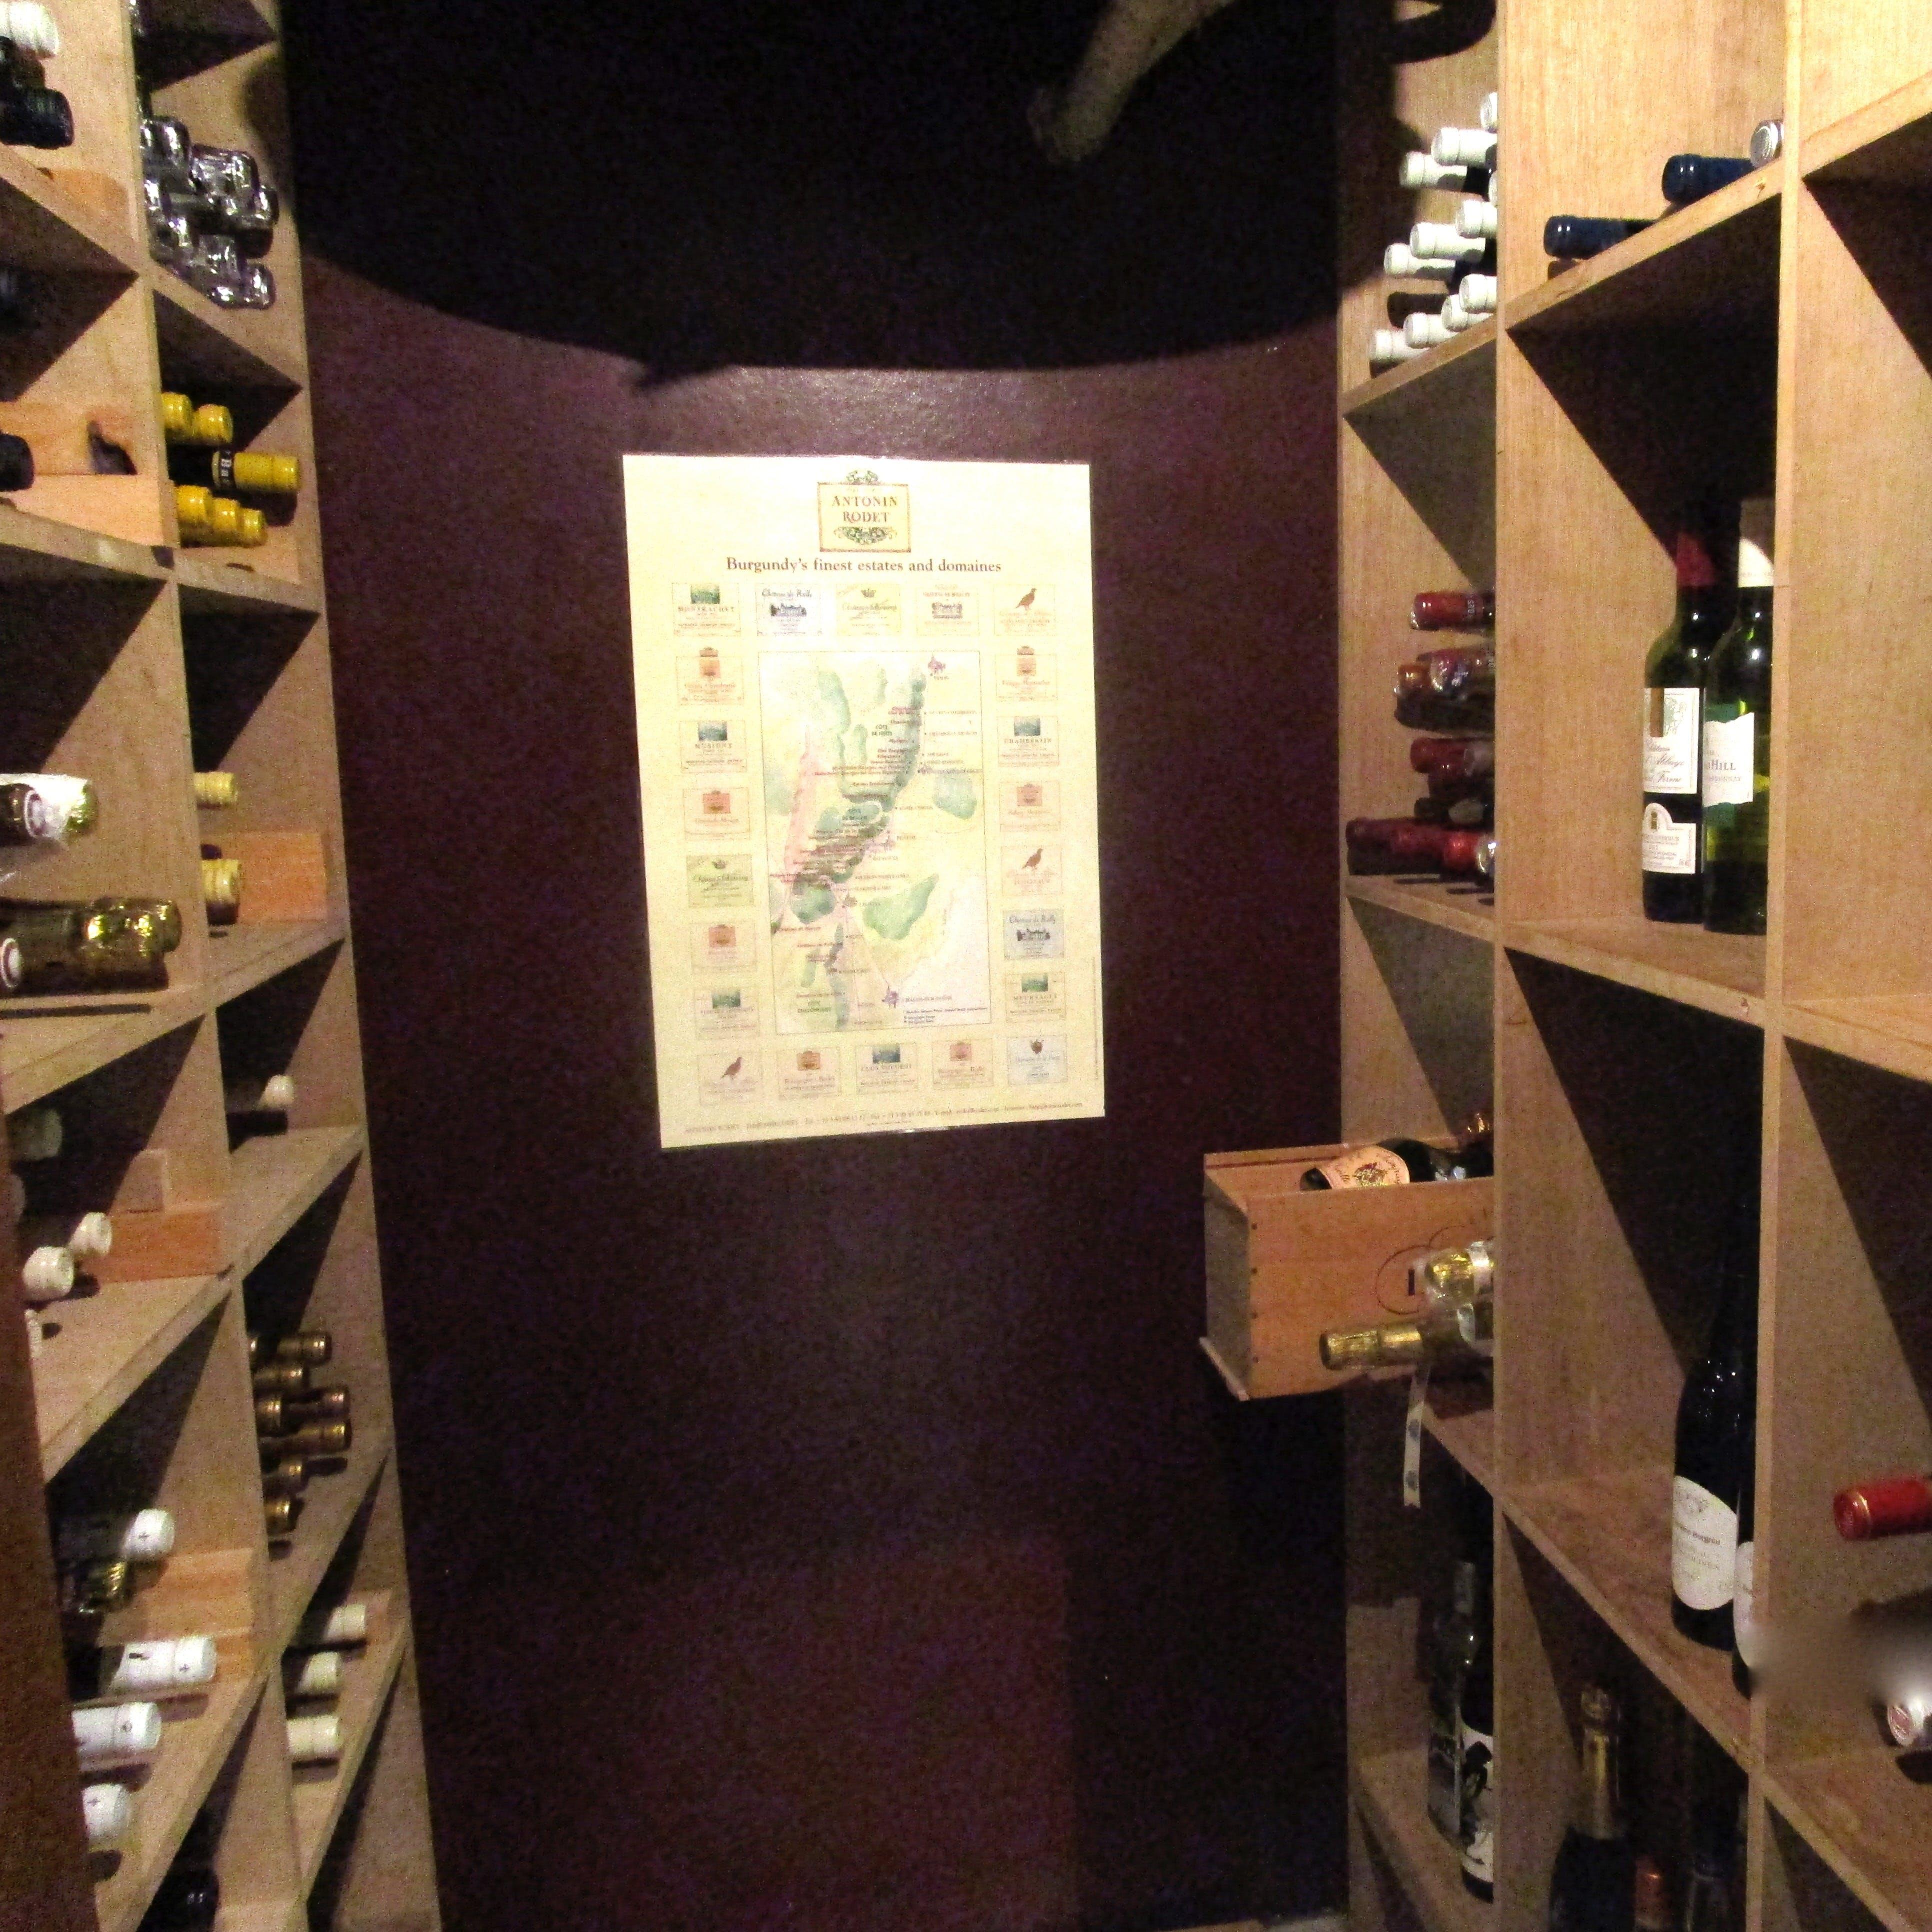 地下蔵熟成ワイン